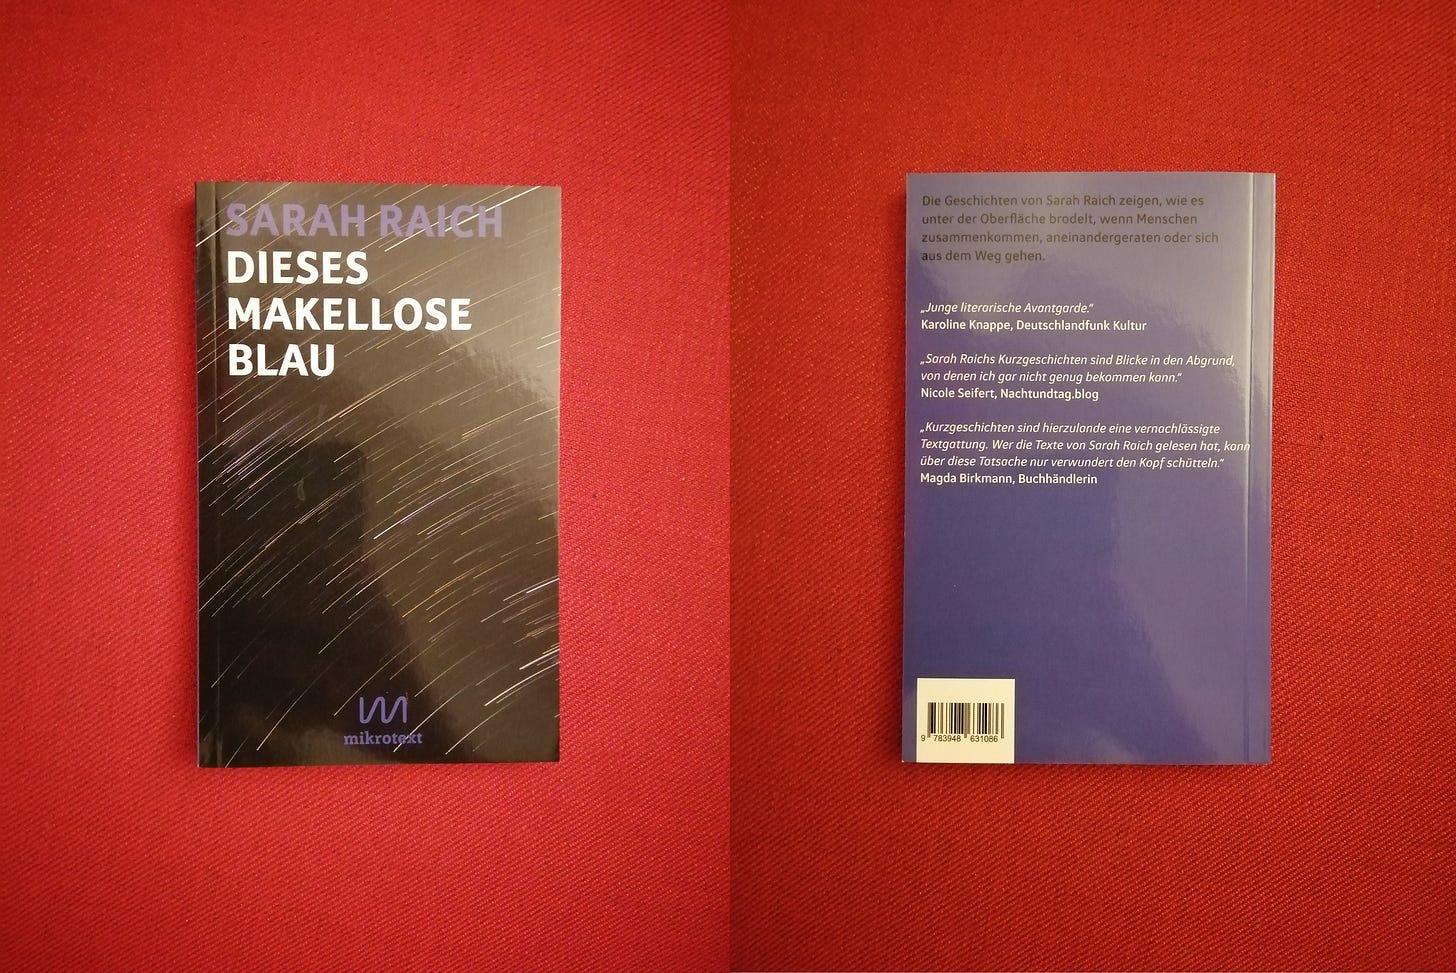 Vor rotem Hintergrund sieht man links das Cover und rechts die Rückseite von Sarahs Buch. Das Cover ist schwarz mit vielen weißen Schlieren, die wie Sternschnuppen aussehen, die Rückseite ist blau mit weißer Schrift.